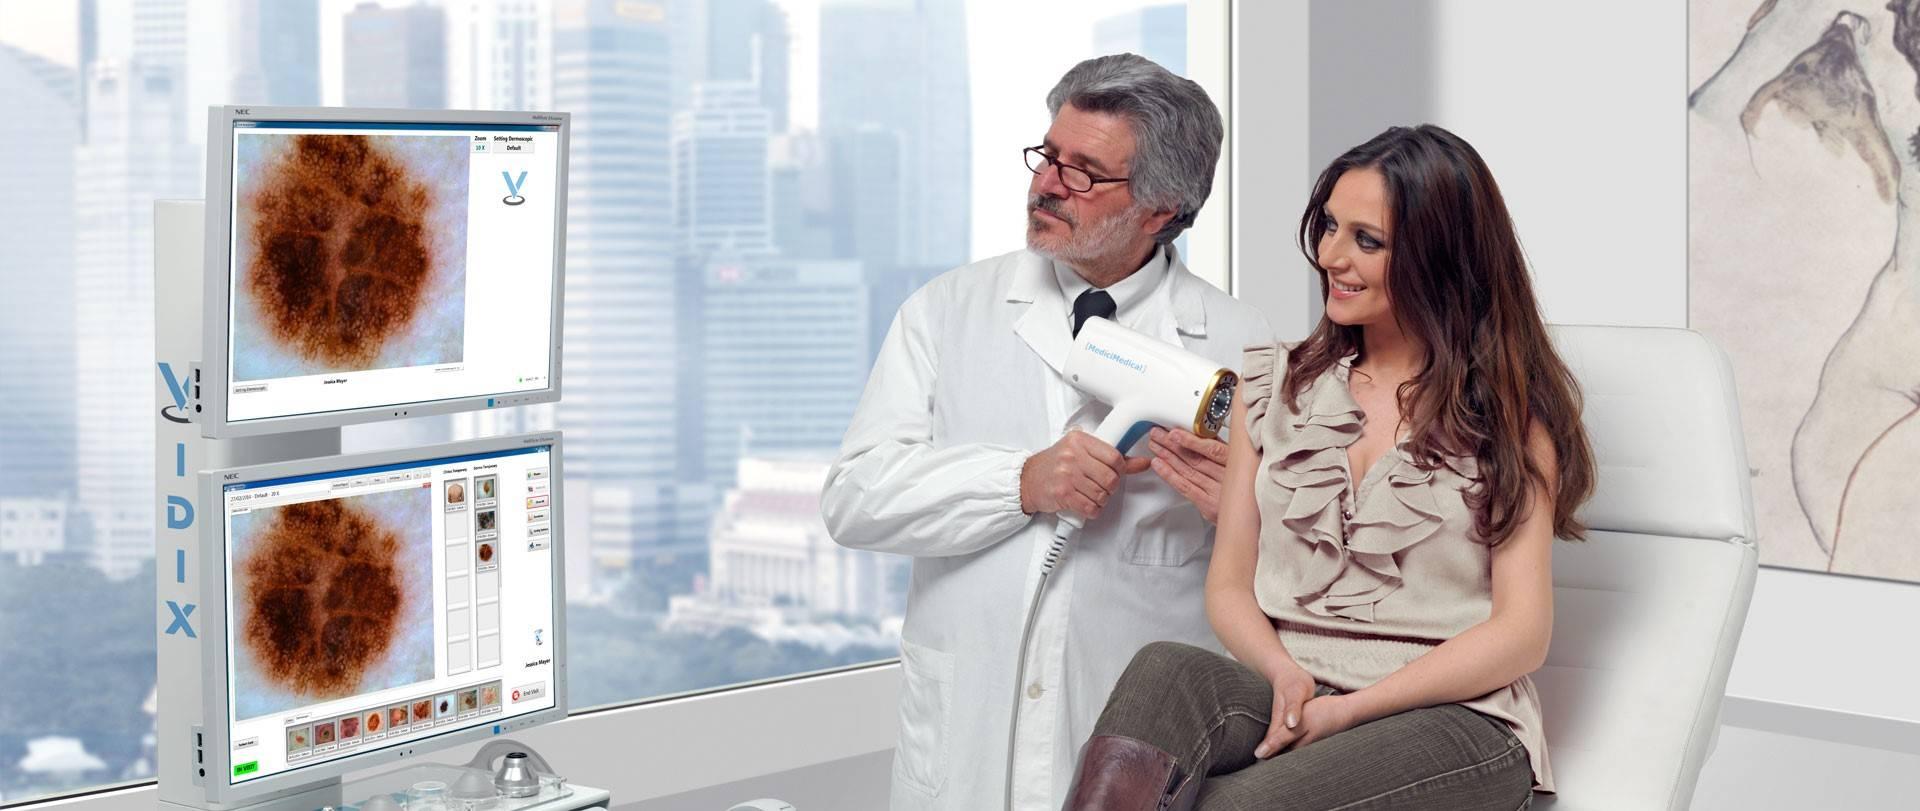 Лечение меланомы в германии, сентинел биопсия в немецких клиниках